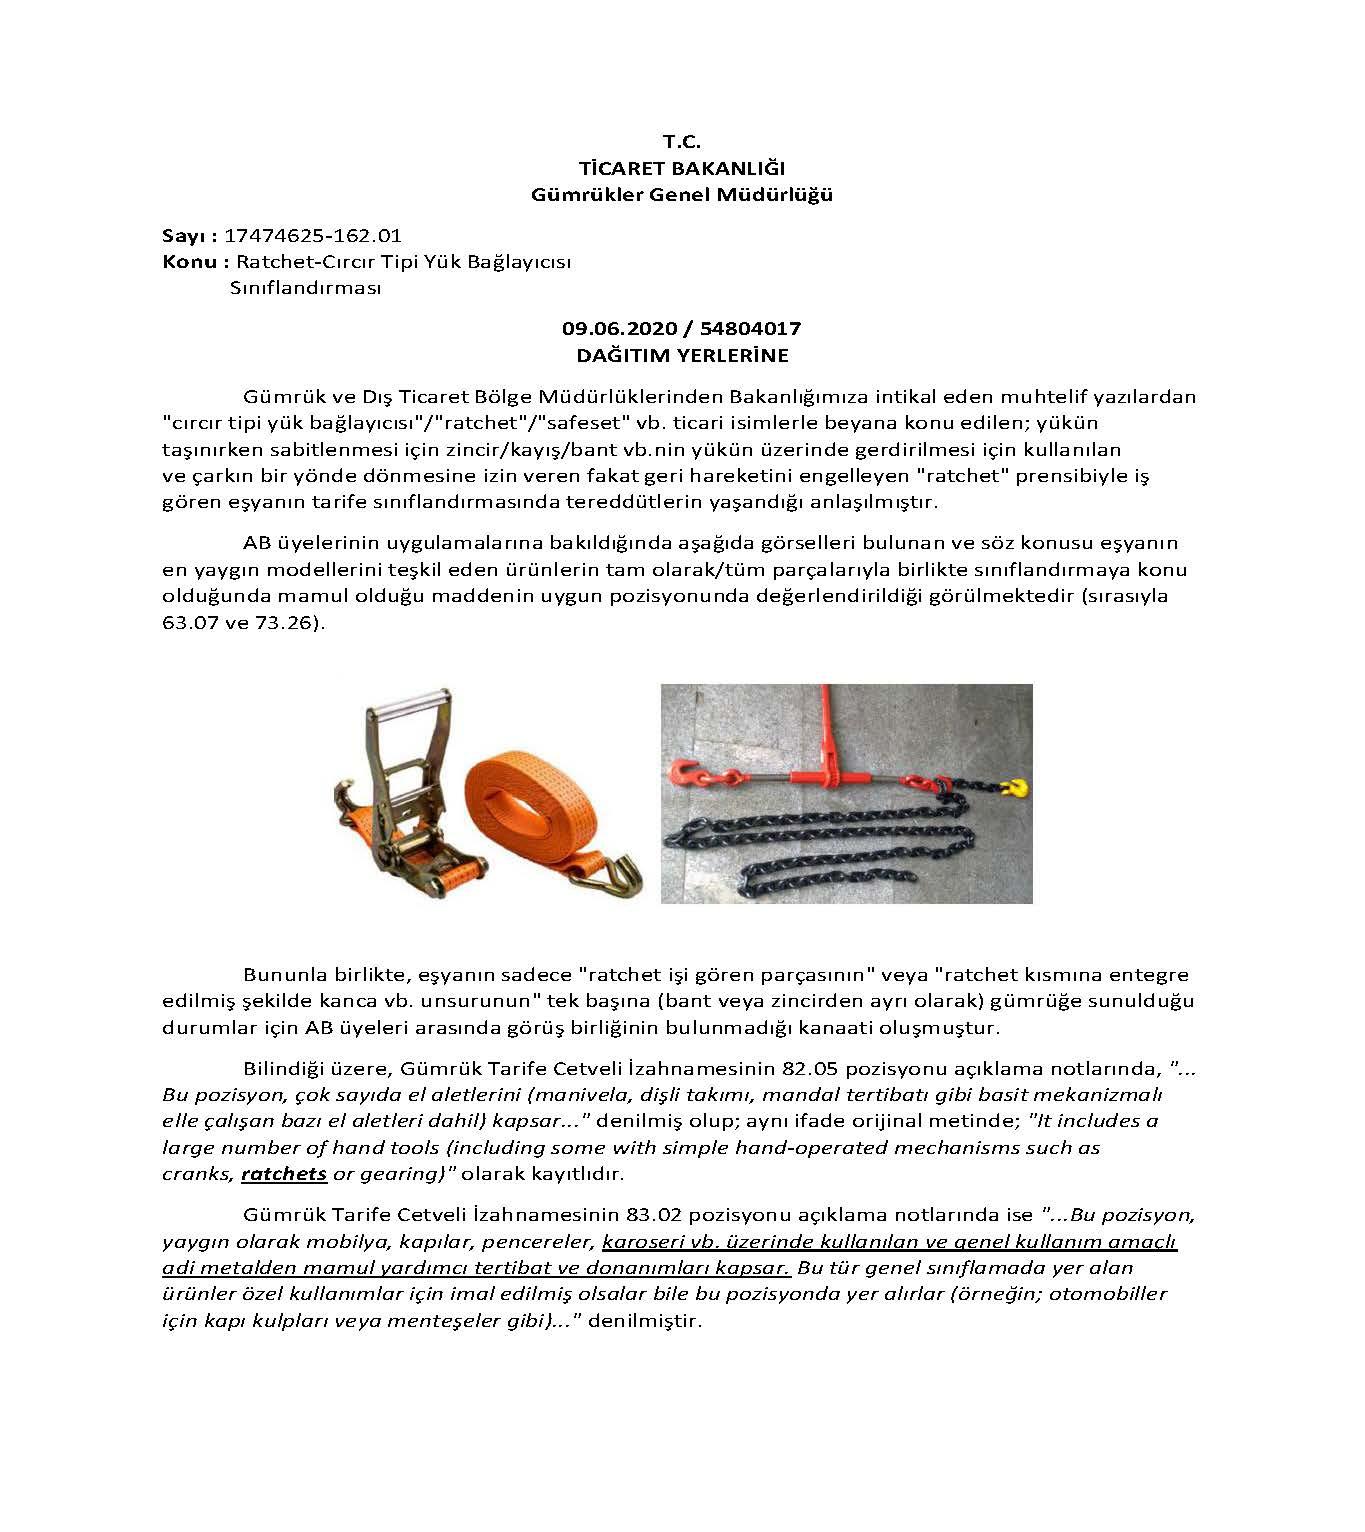 Ratchet-Cırcır Tipi Yük Bağlayıcısı Sınıflandırılması_Sayfa_1